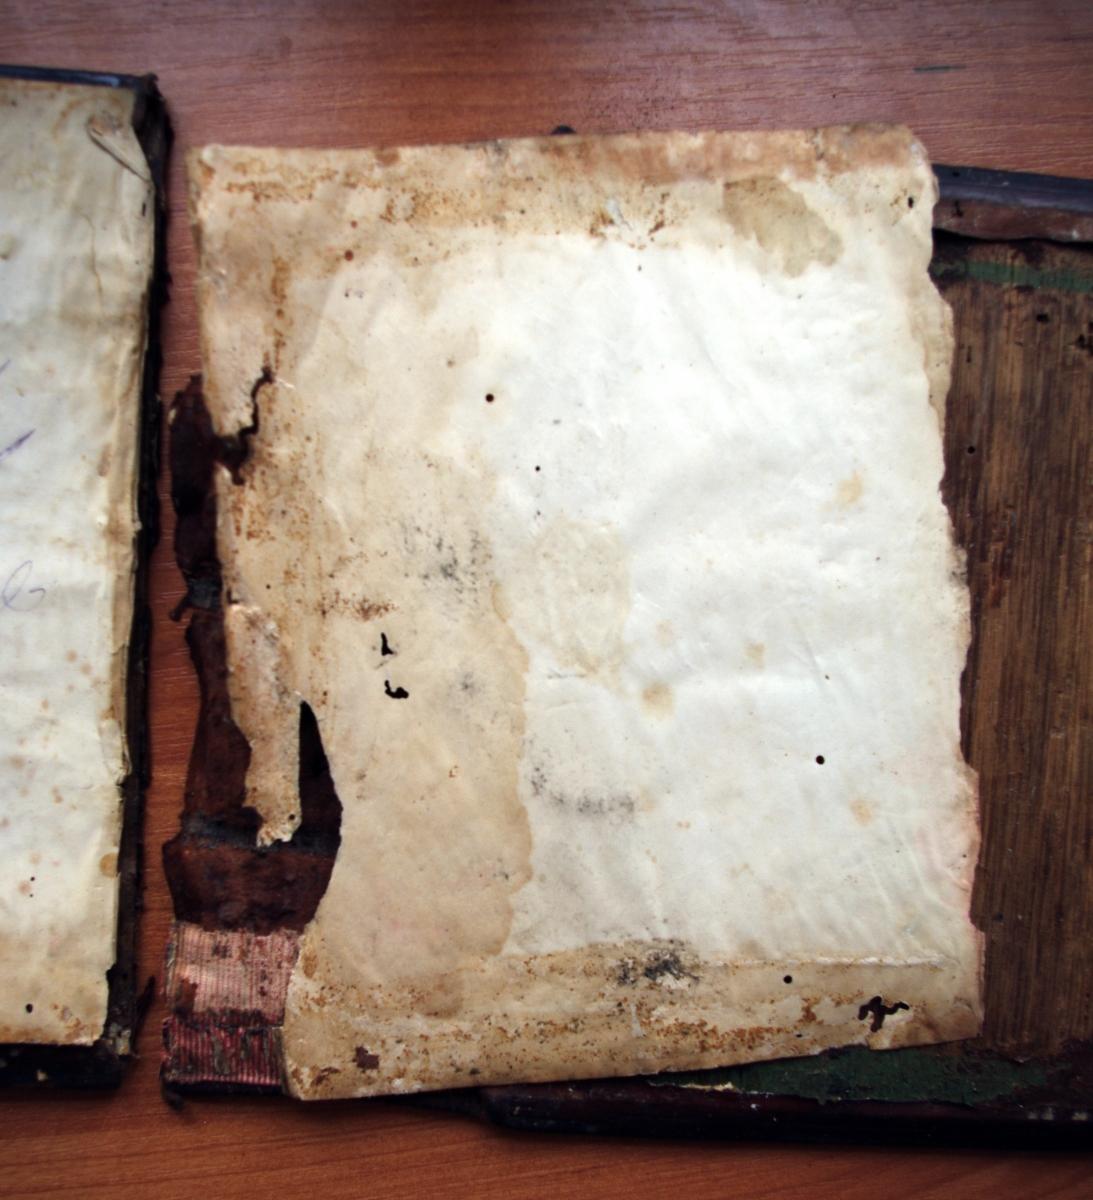 Псалтирь 19 века во время реставрации. Обратная сторона крышек и корешка с отделенными форзацами.